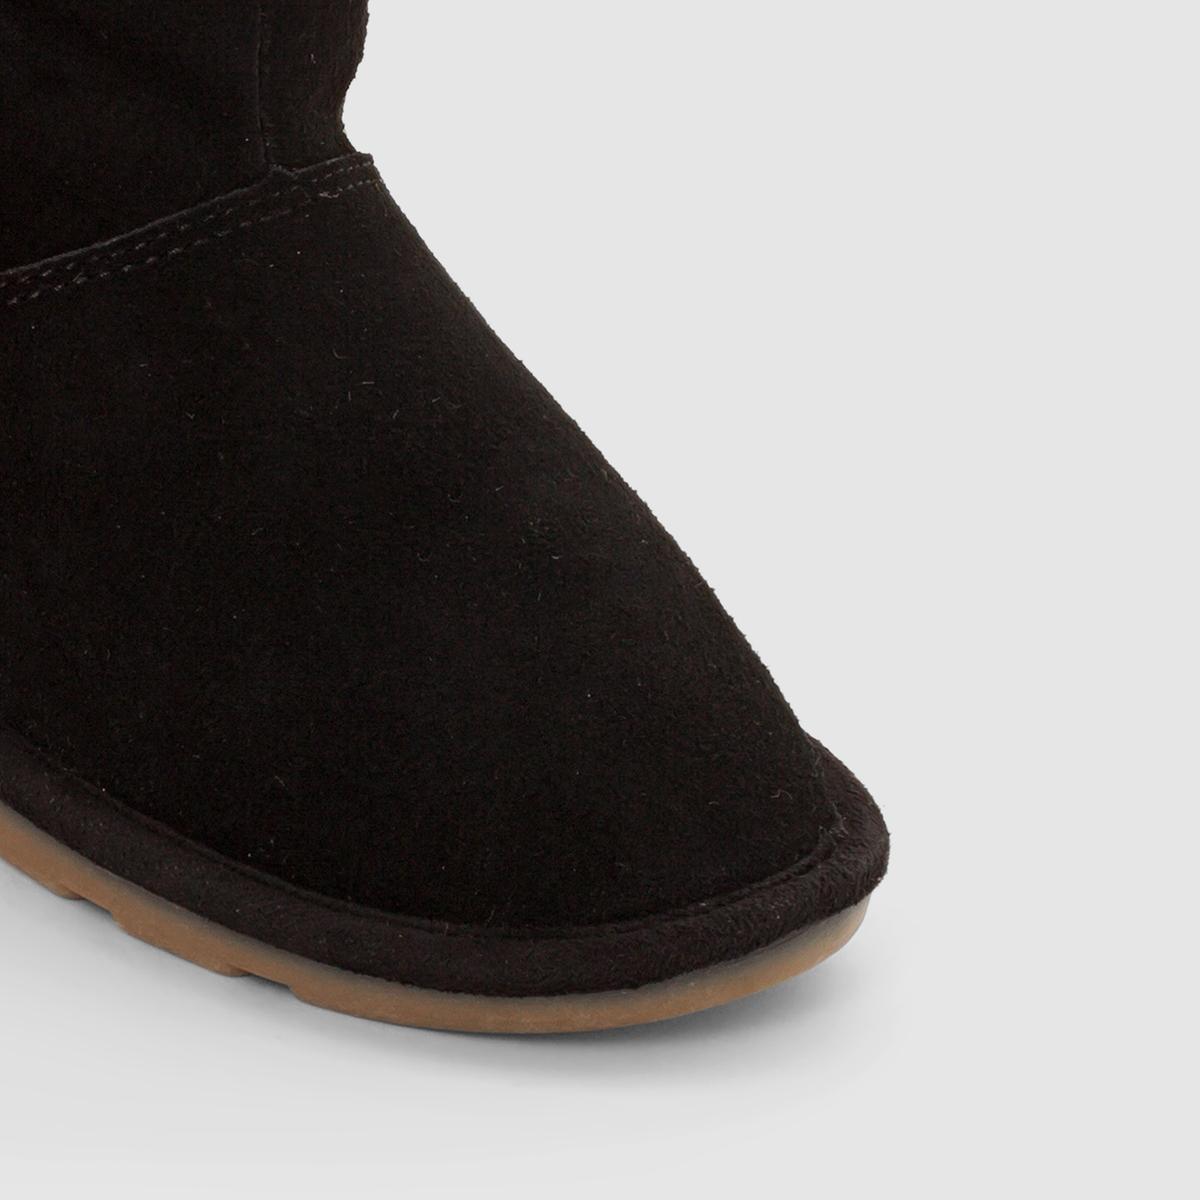 Ботинки, AKAMAВерх/Голенище: Неотделанная кожа (яловичная).    Подкладка: Текстиль.       Стелька: Текстиль.           Подошва: Каучук.               Высота голенища: 9 см.   Форма каблука: Плоская.  Мысок: Круглый.   Застежка: На молнию.<br><br>Цвет: черный